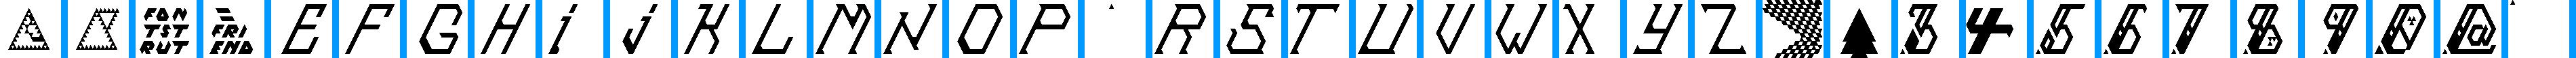 Particip-a-type v.324